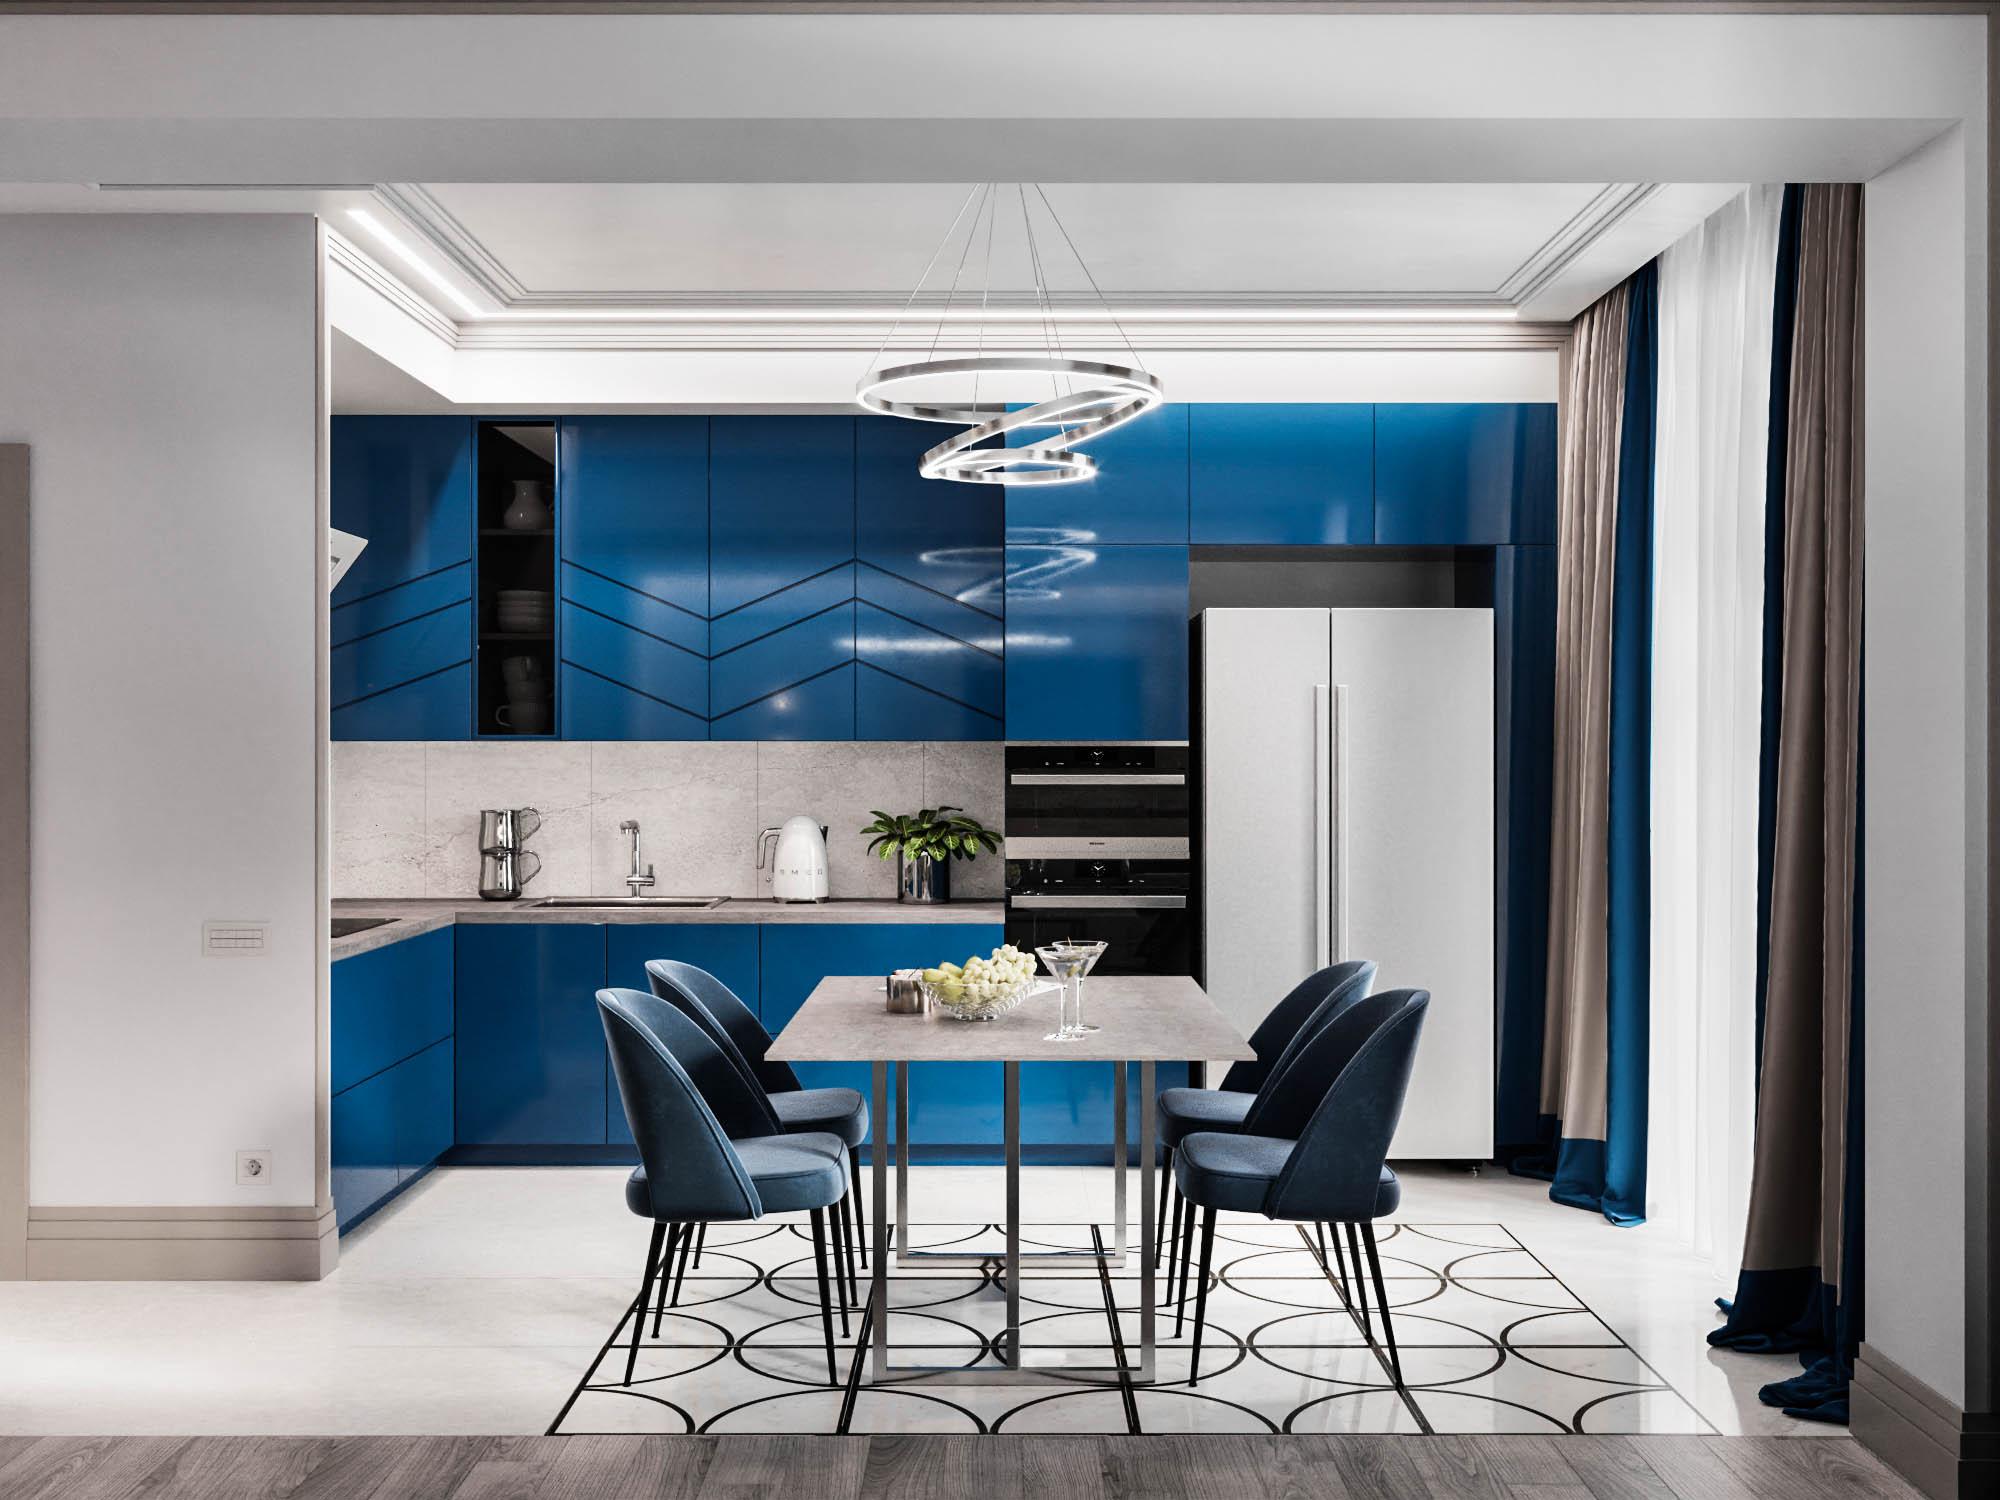 дизайн-проект квартиры в ярком синем цвете